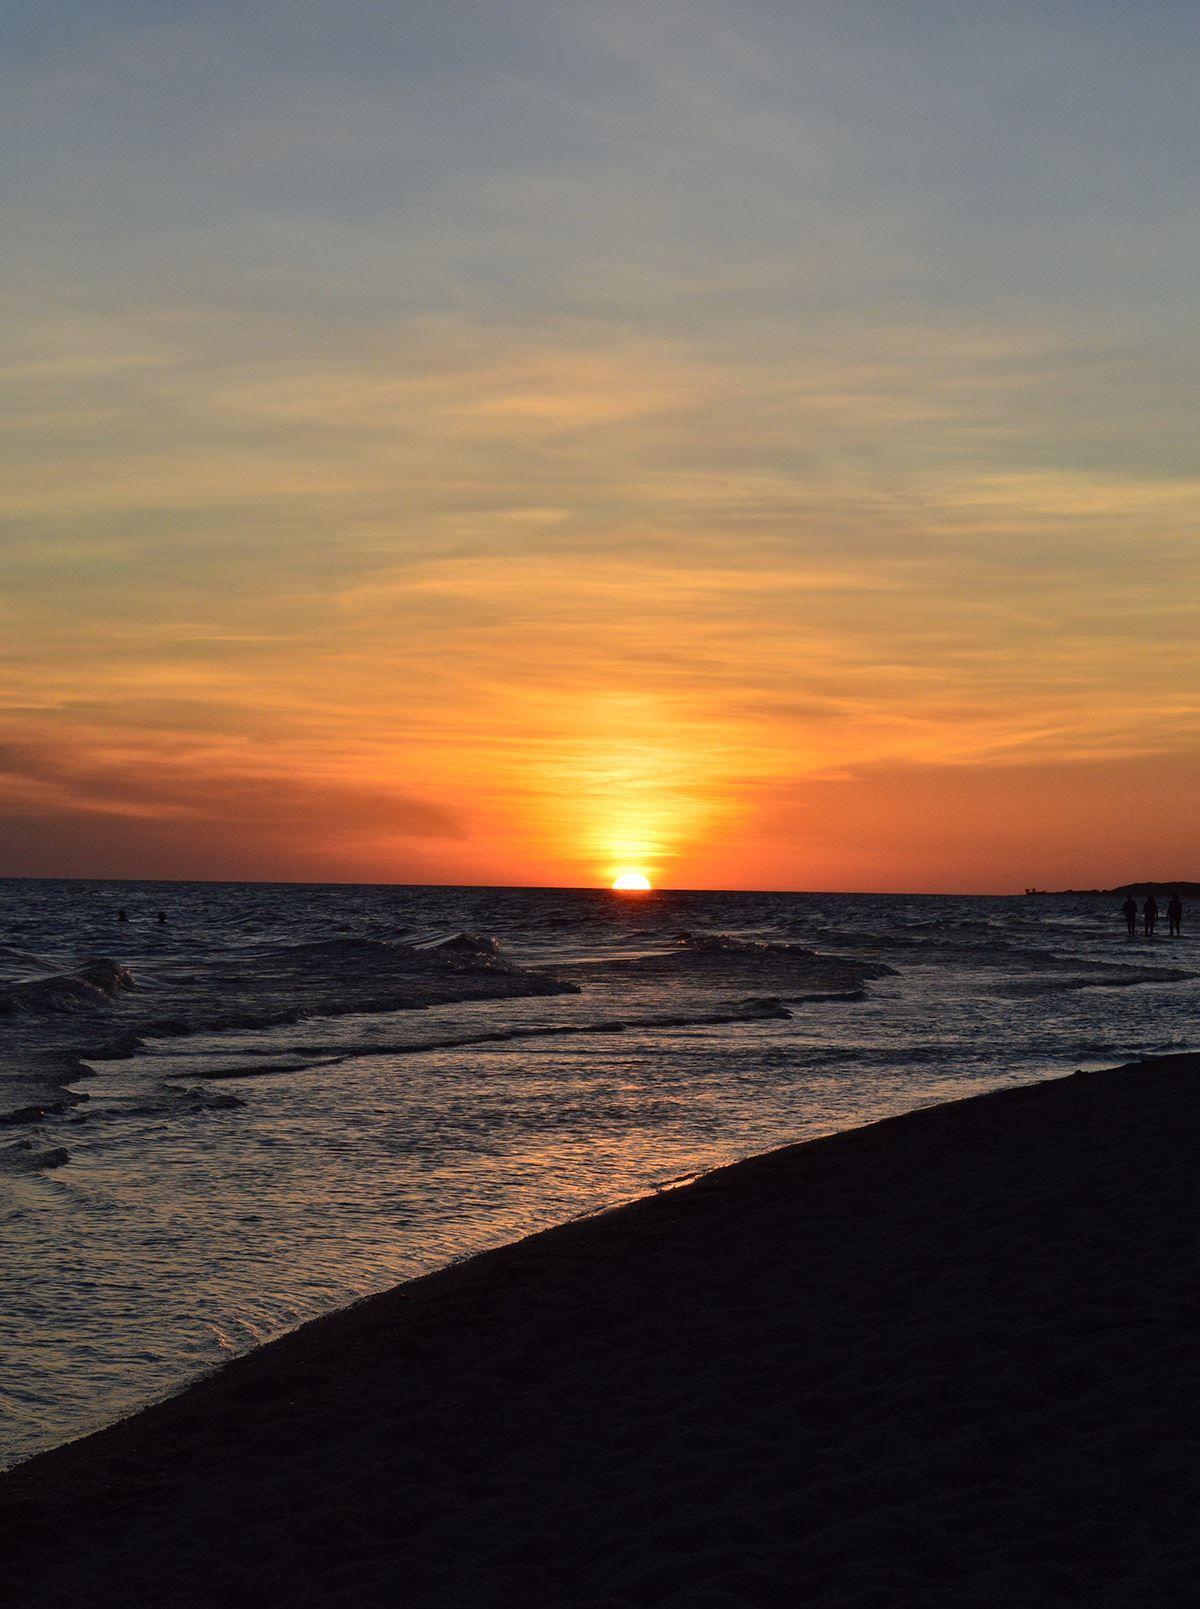 Atardecer En Playa Fomento Dpto De Colonia Uruguay Uruguay Paisajes Playa